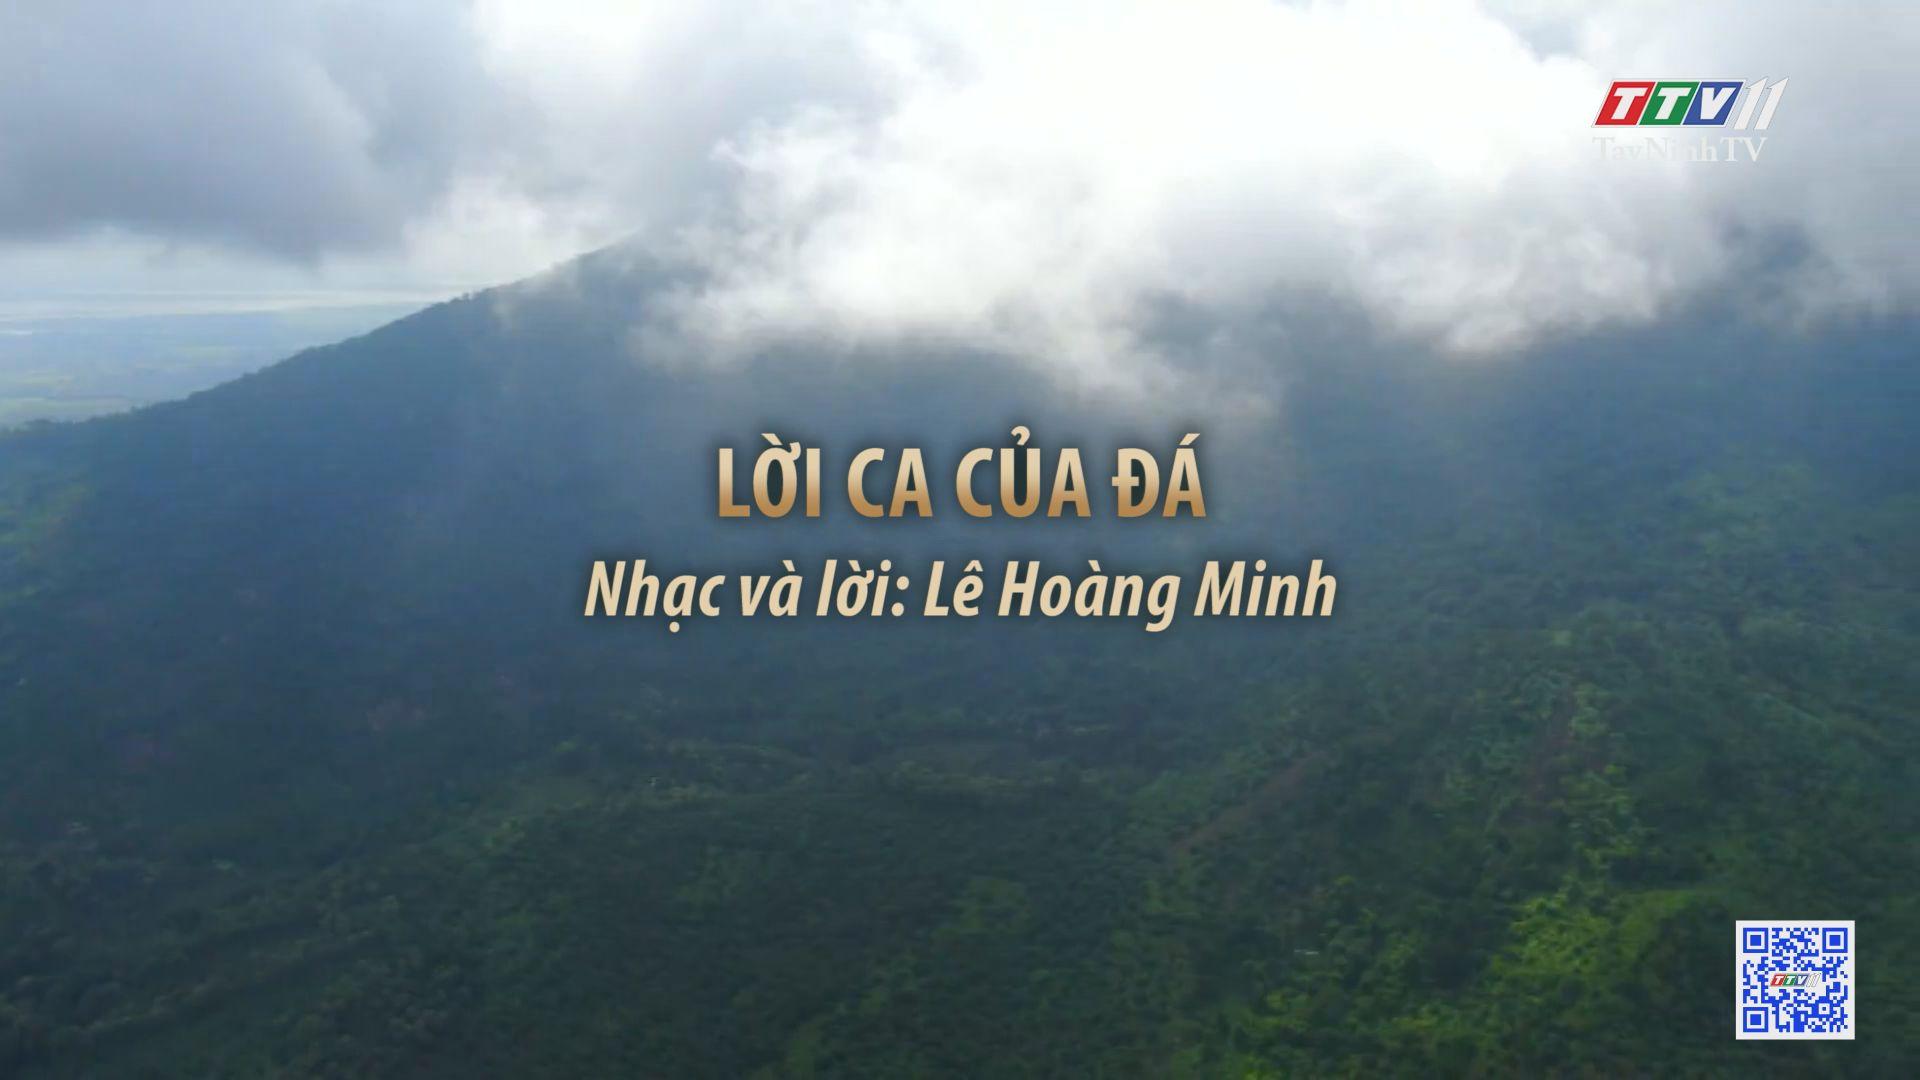 Lời của ca của đá | Tuyển tập karaoke Tây Ninh tình yêu trong tôi | TayNinhTV